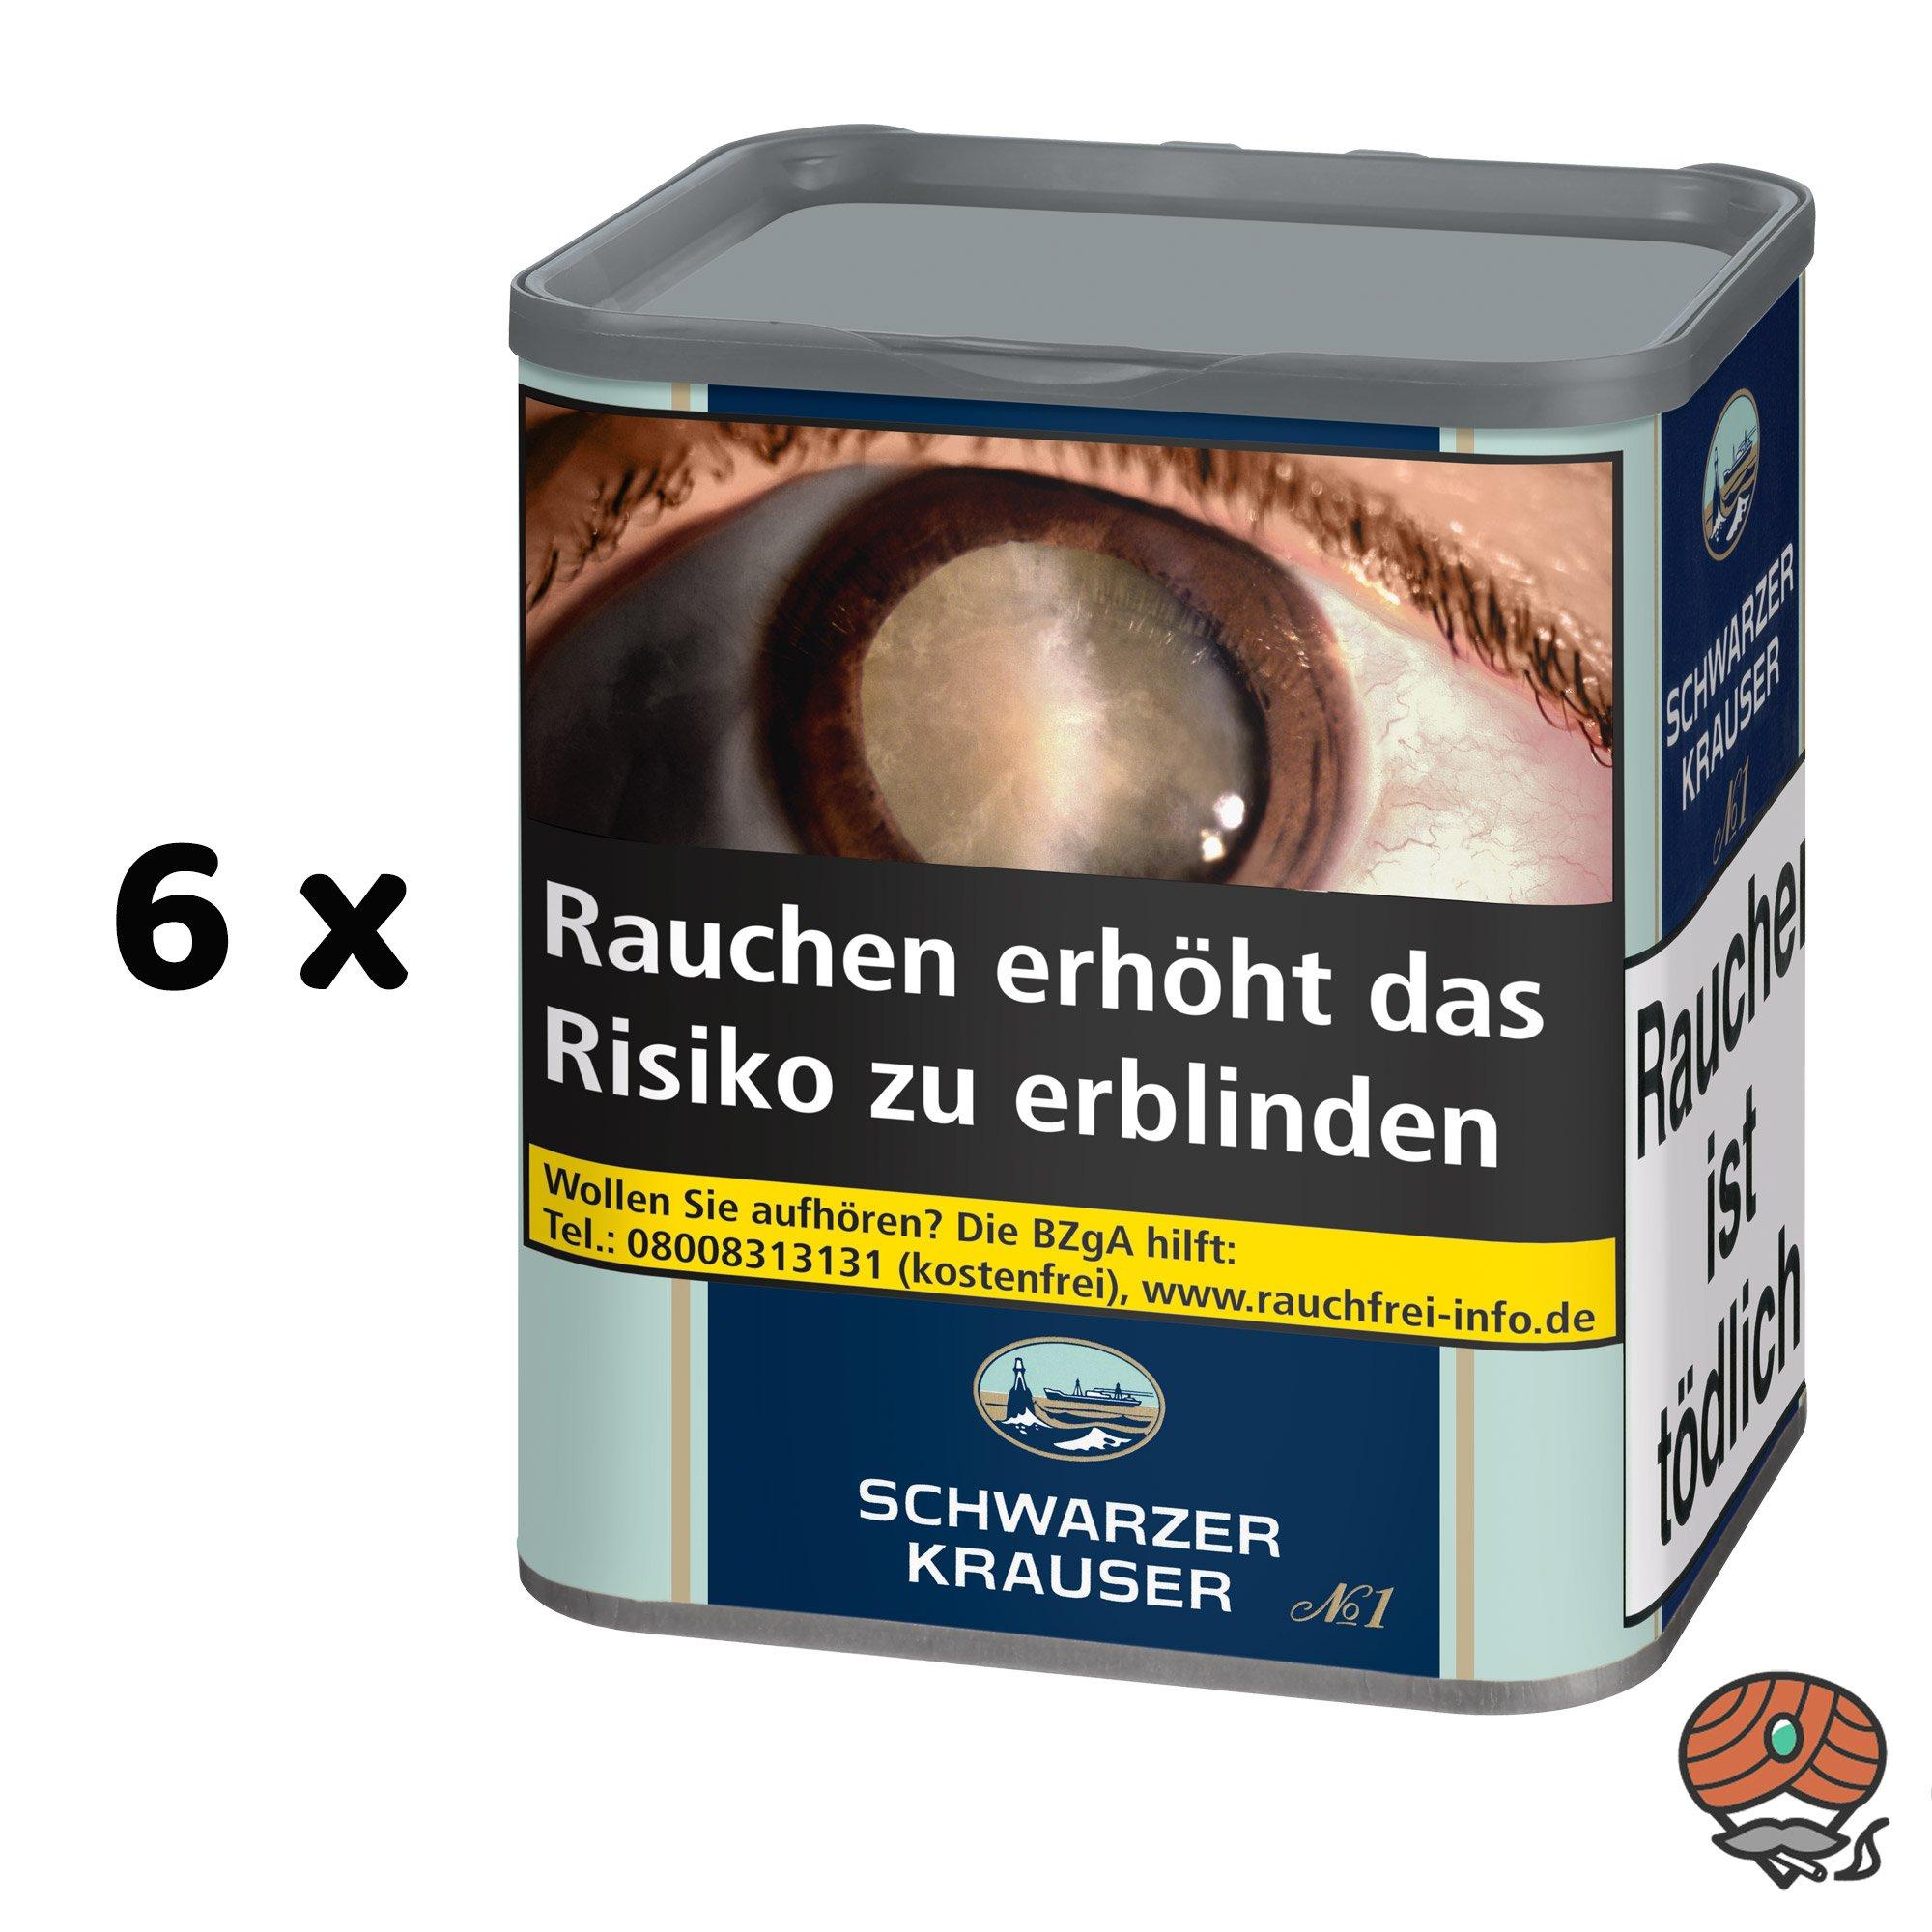 6x Schwarzer Krauser No.1 Feinschnitt Zigarettentabak à 90 g